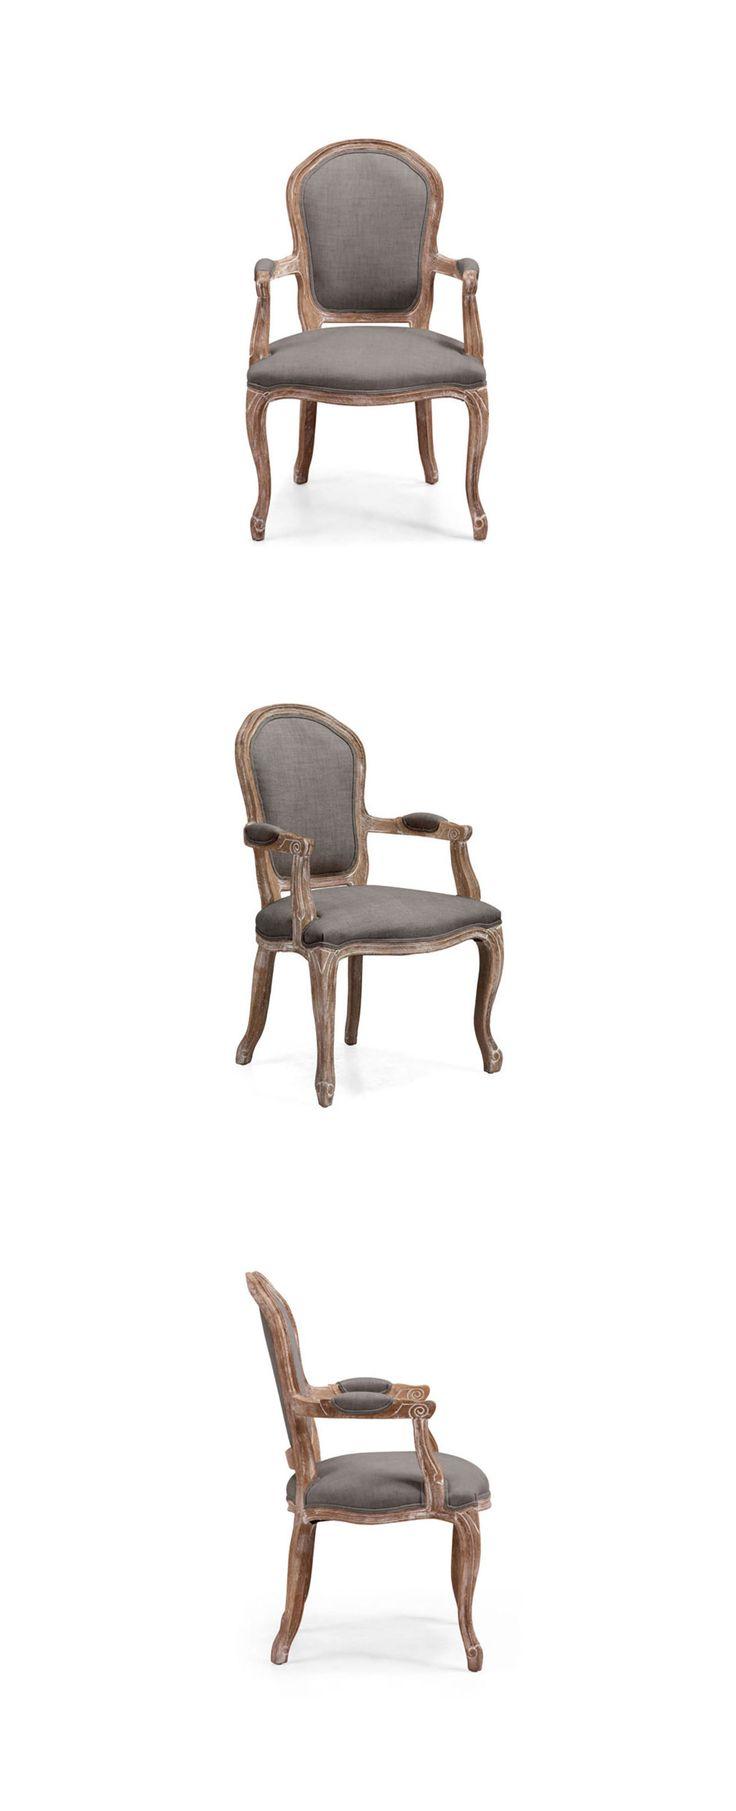 Silla inspirada en el estilo Luis XV con toda la forma de éste estilo, incluso hasta su pata cabriolé y sus cómodos descansabrazos. Fabricada en madera de roble y tapizada en tela lino con opción en color gris o beige. Dimensiones: 62cm x 56cm y altura de 99cm. www.bodegademuebles.com